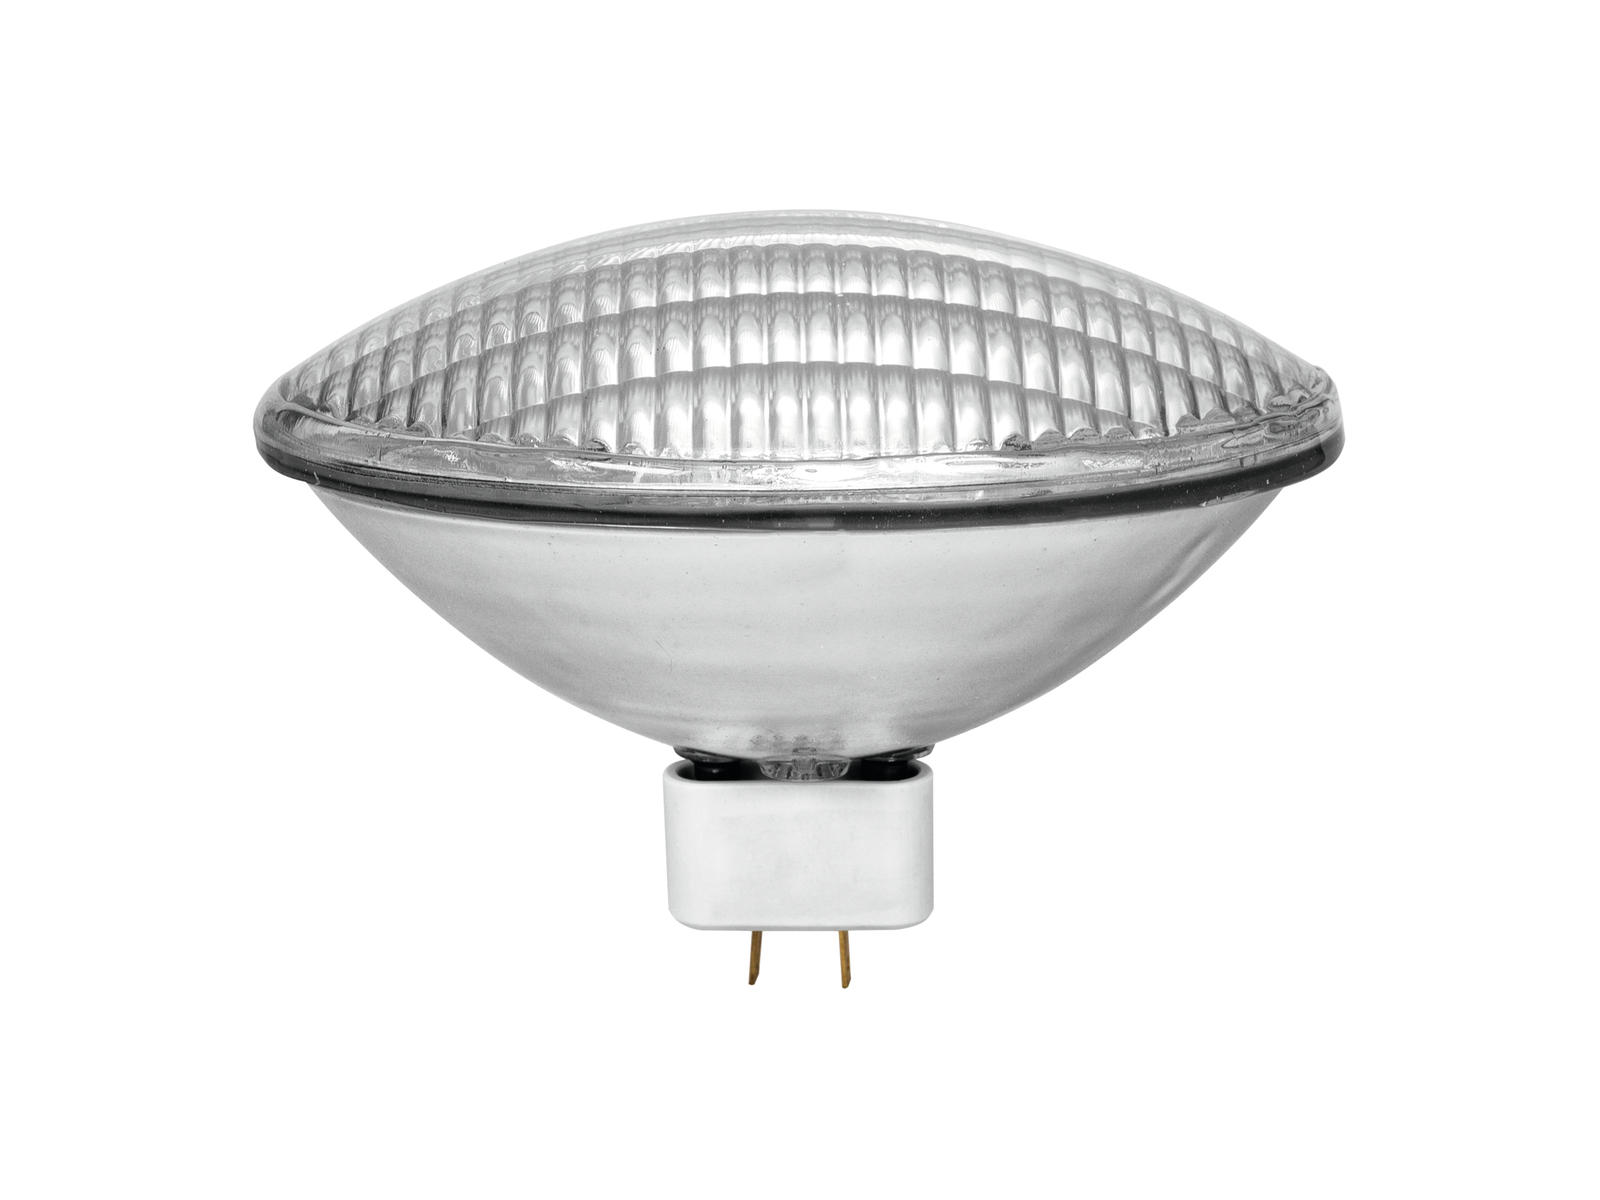 Lampada Faro OMNILUX PAR-64/240V 1000W GX16d MFL 300 H 2941 K